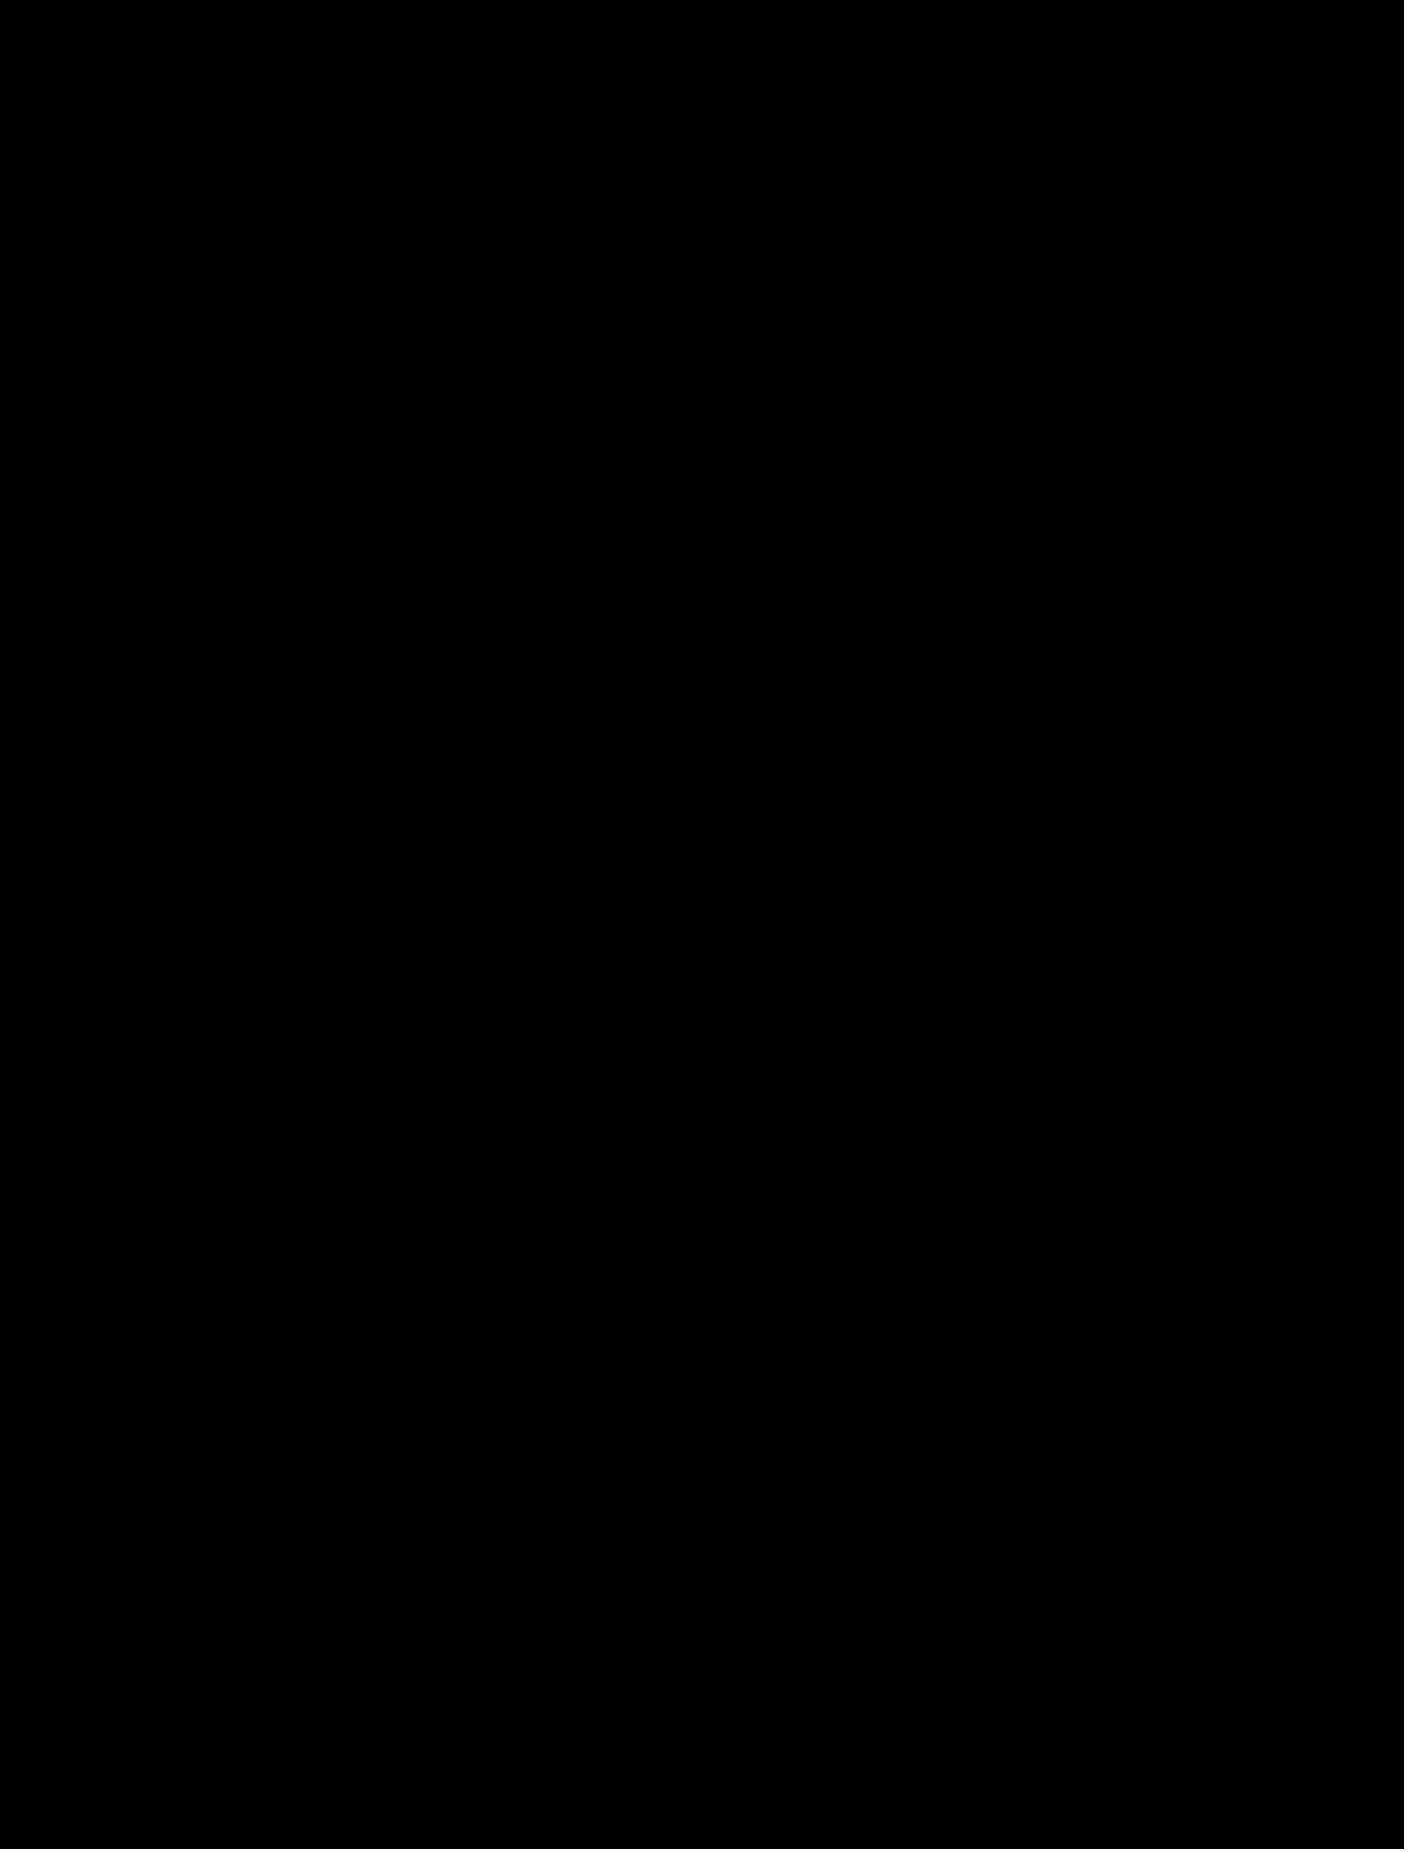 Usopop